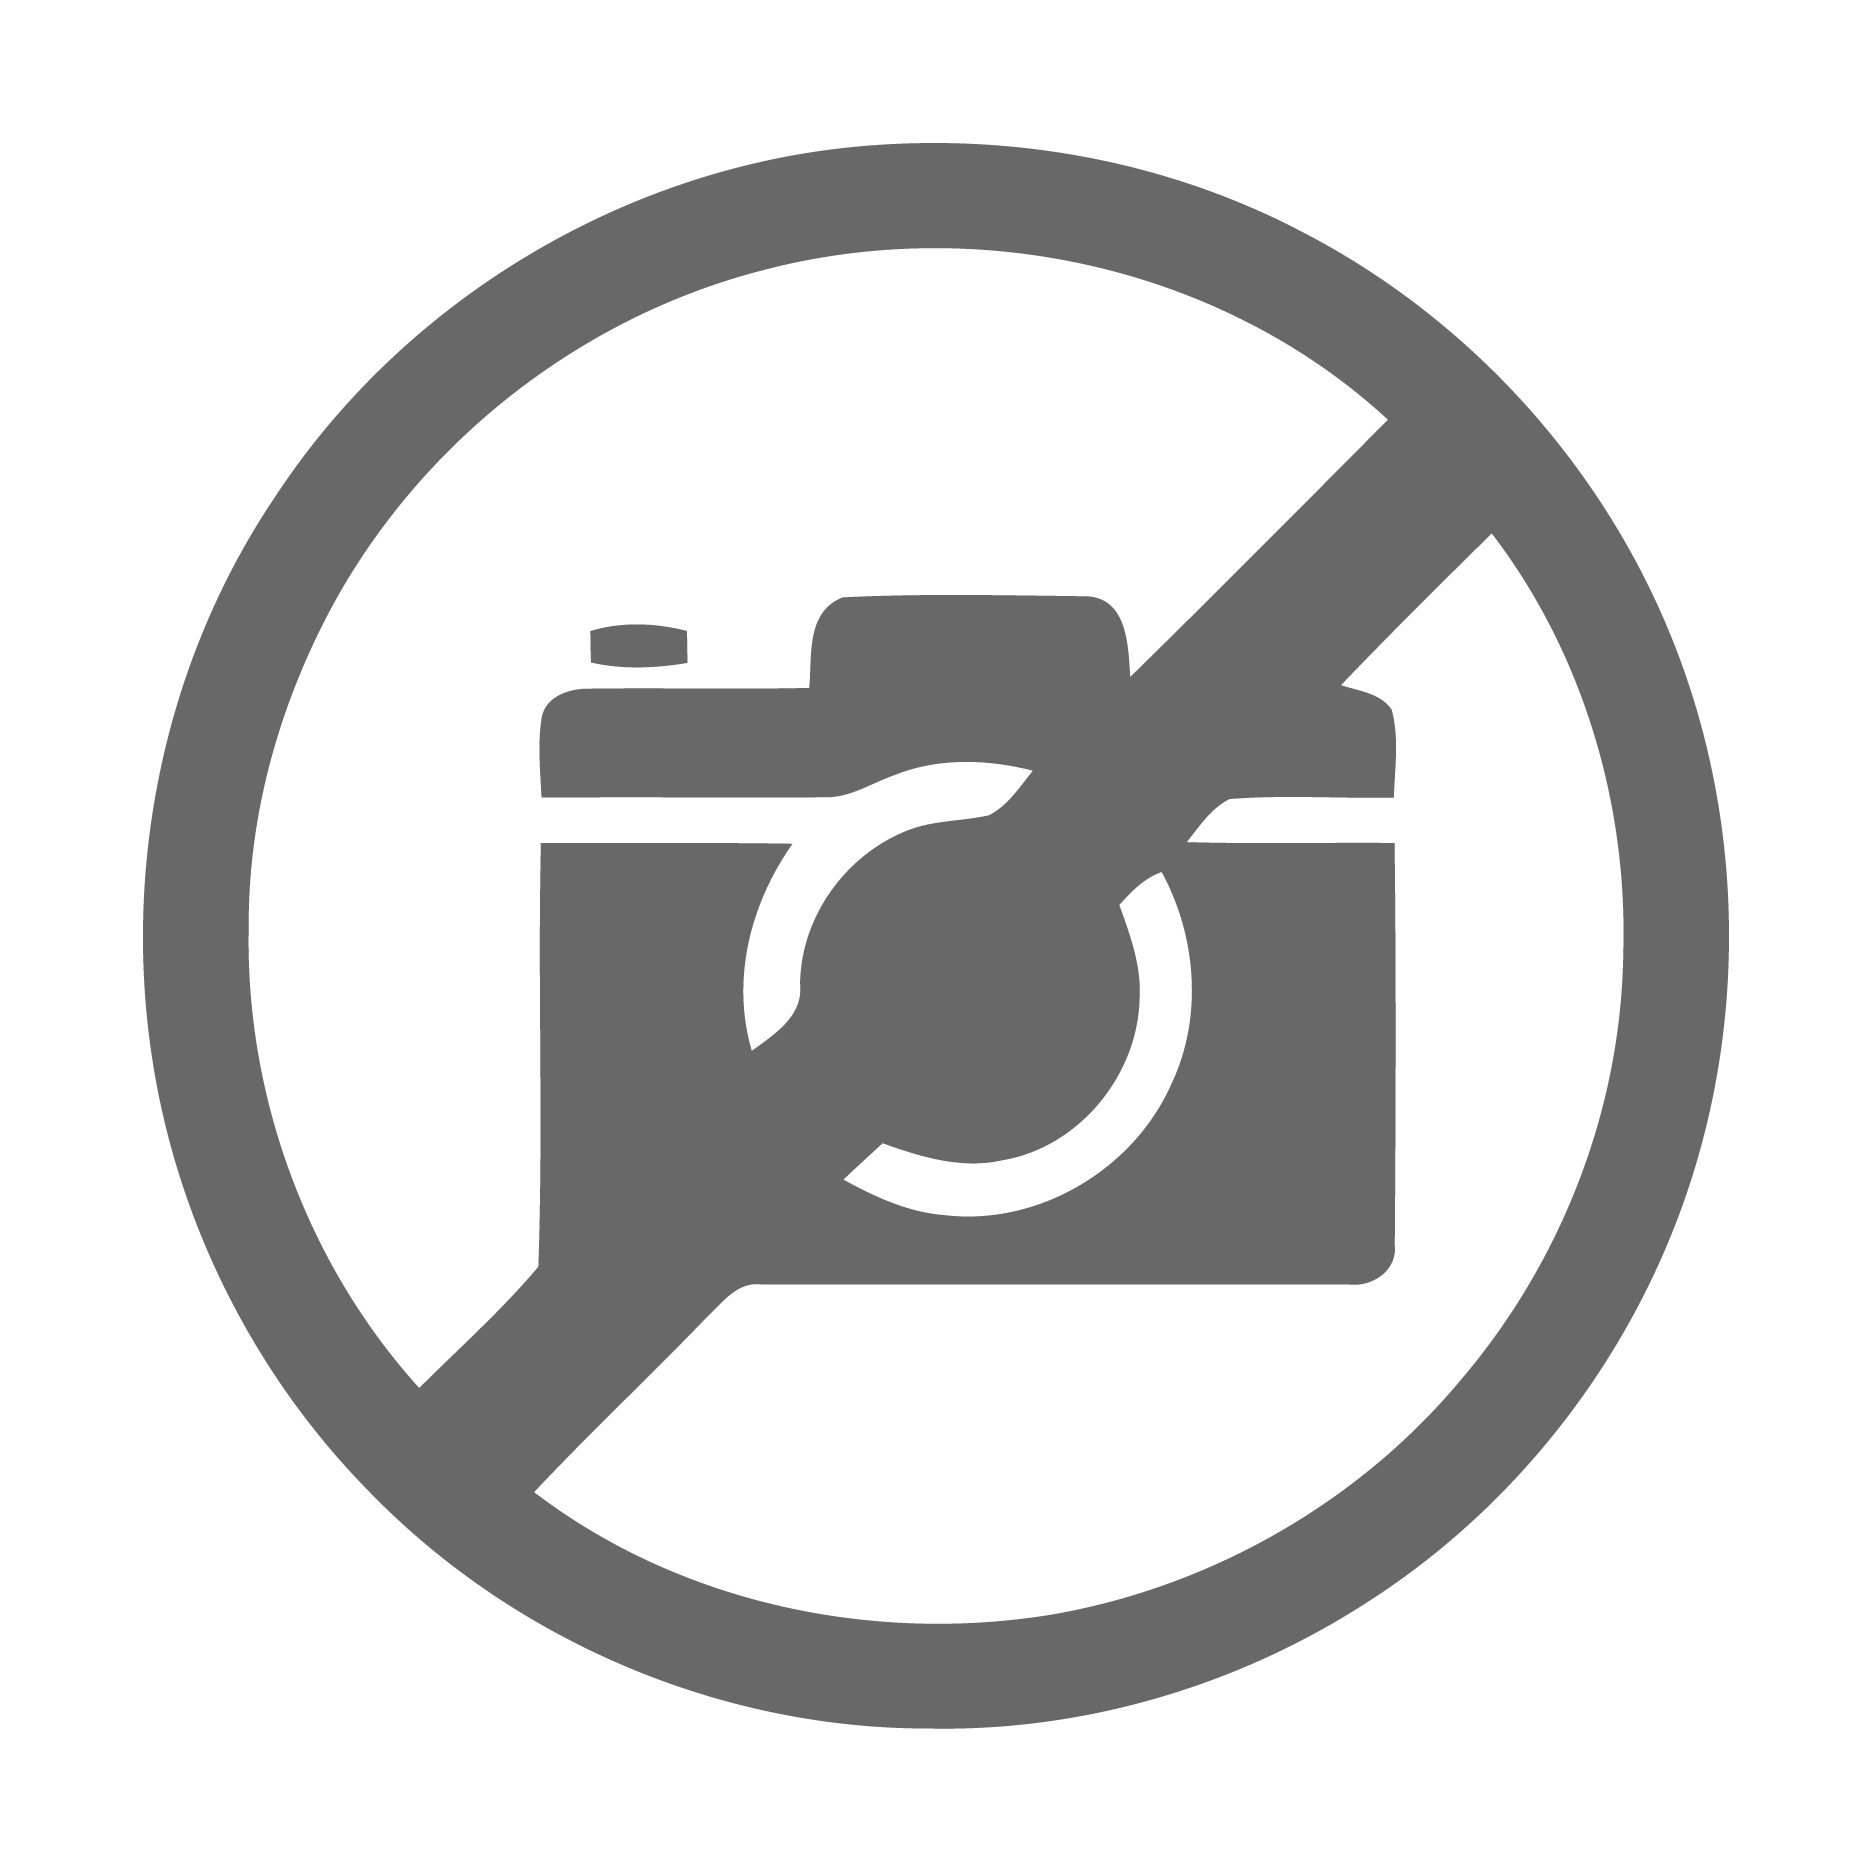 no-image-icon